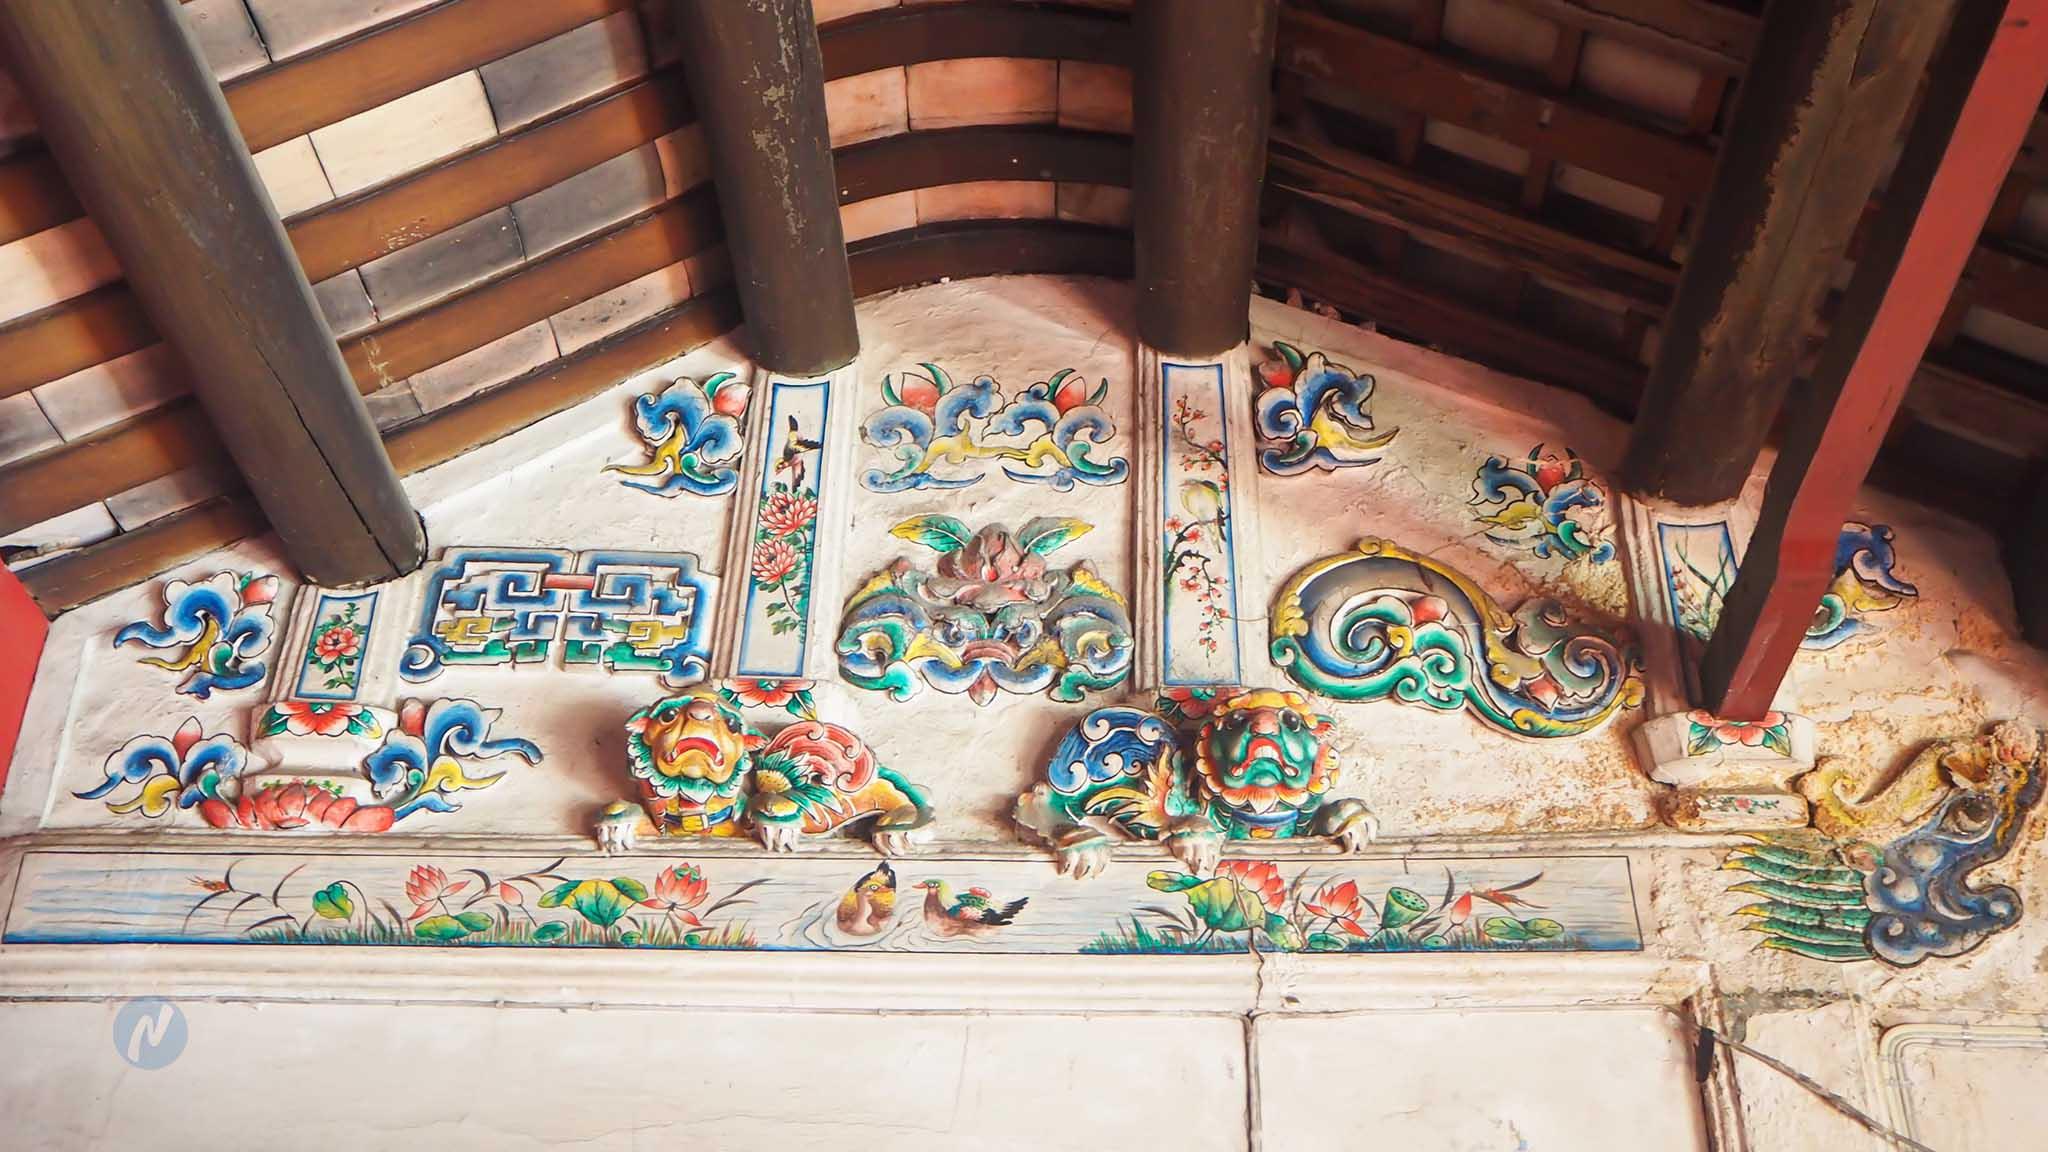 โซวเฮงไถ่ หรือ บ้านดวงตะวัน